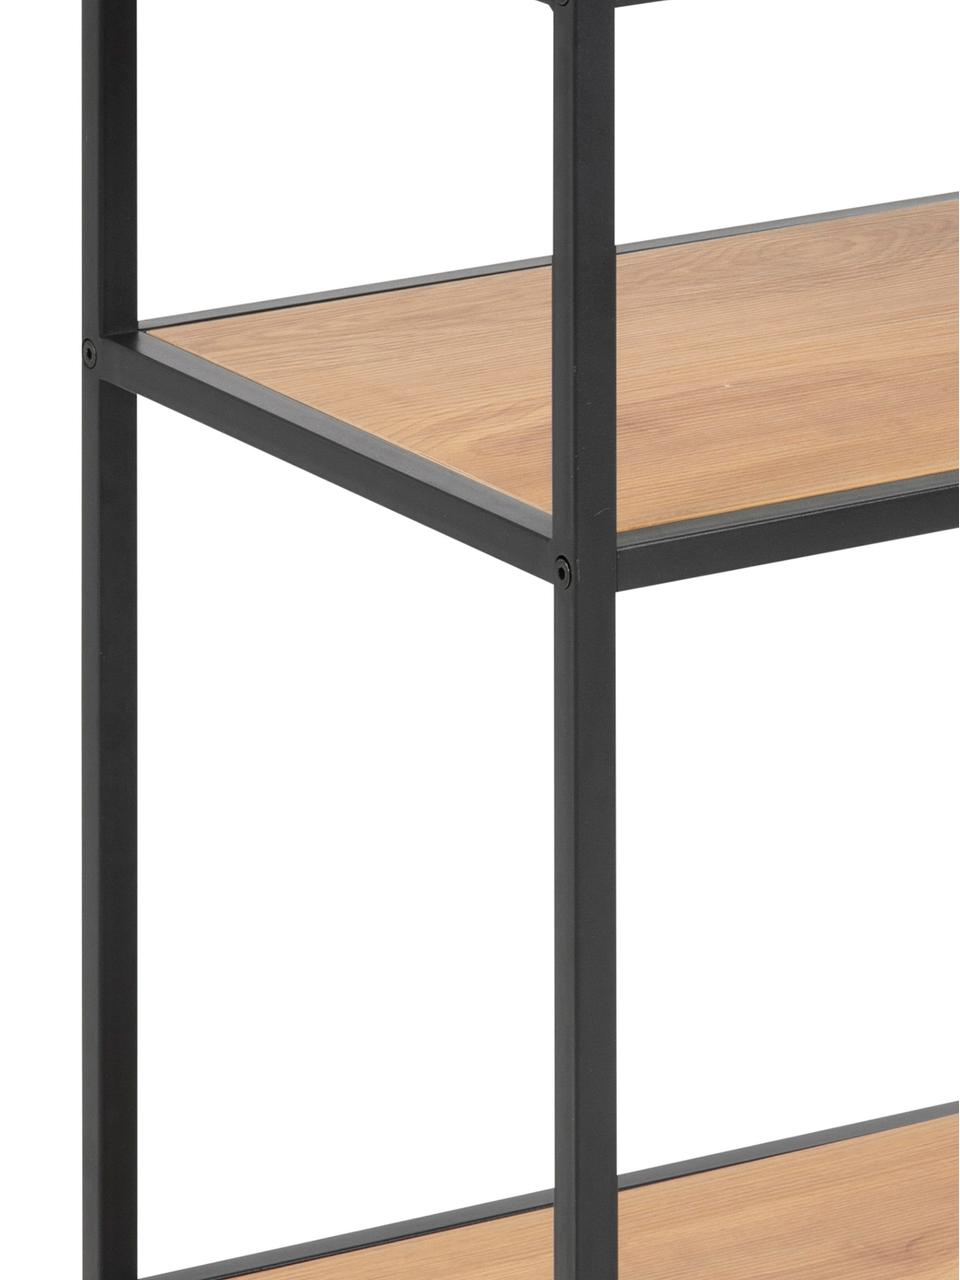 Tavolino con piani effetto legno Seaford, Struttura: metallo verniciato a polv, Quercia selvatica, nero, Larg. 42 x Prof. 35 cm